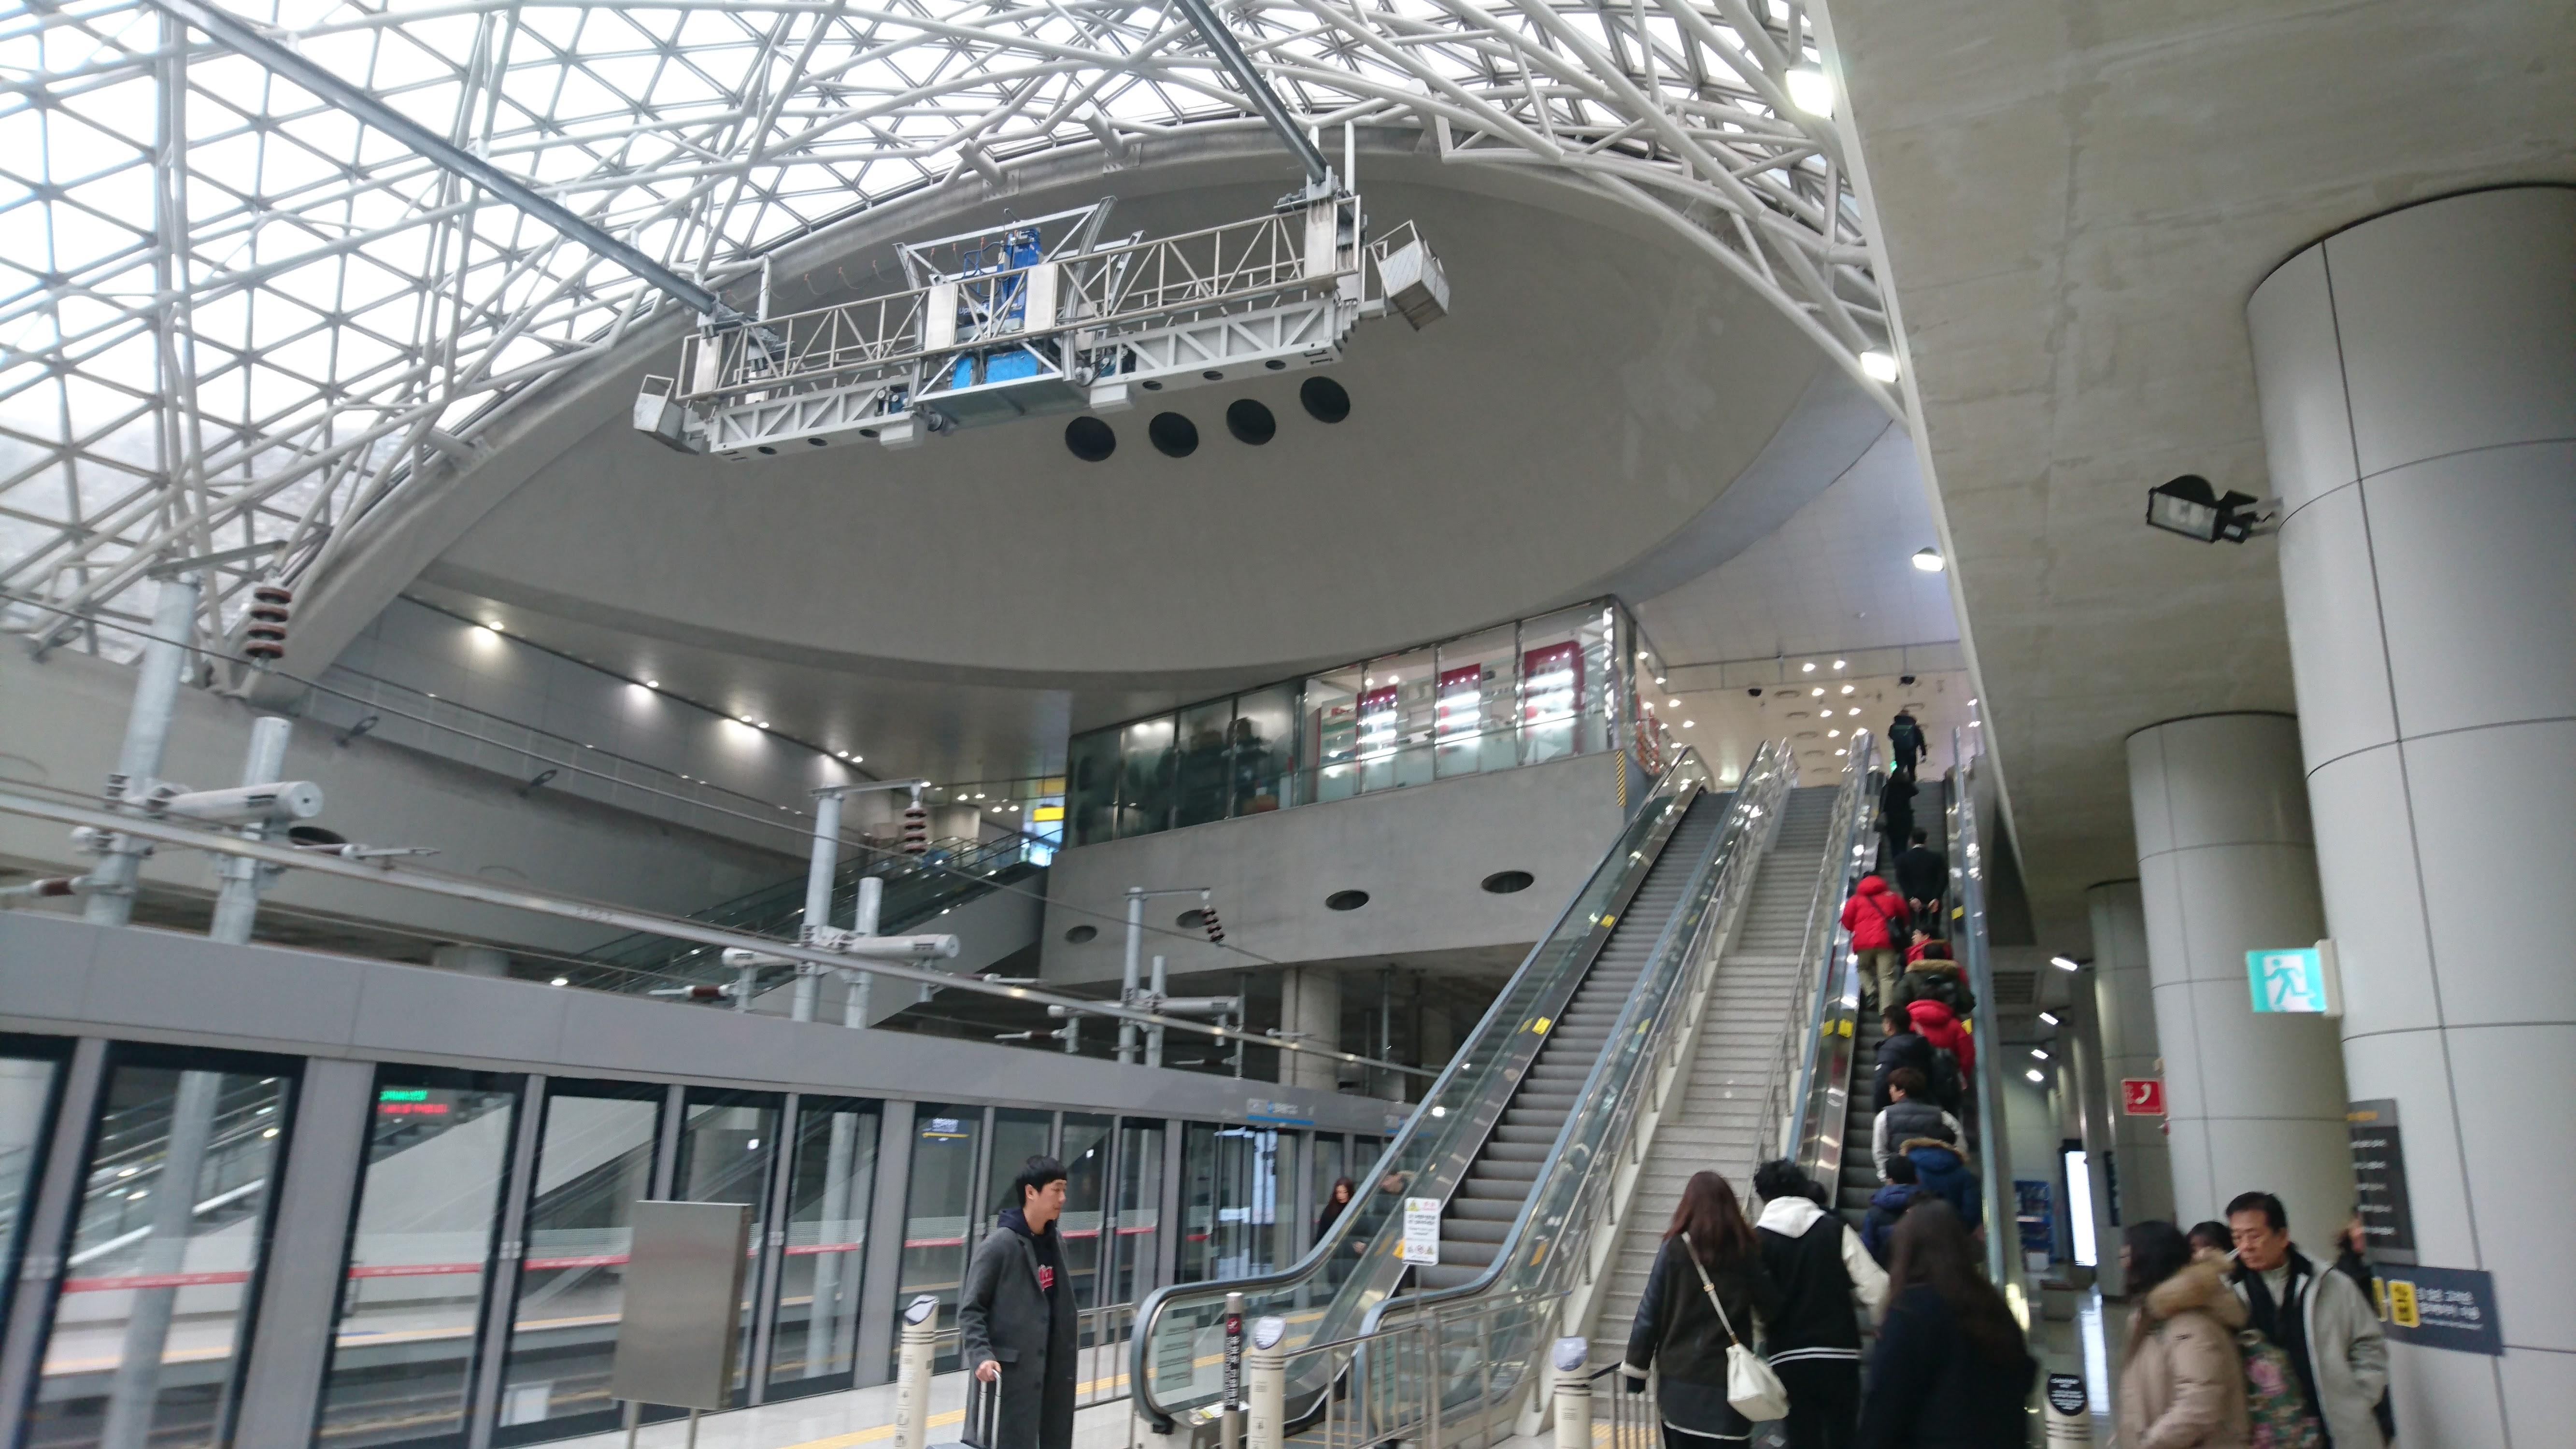 仁川国際空港鉄道(A'REX)の仁川国際空港駅を降りたところ。ここから仁川空港の旅客ターミナルに向かいます。